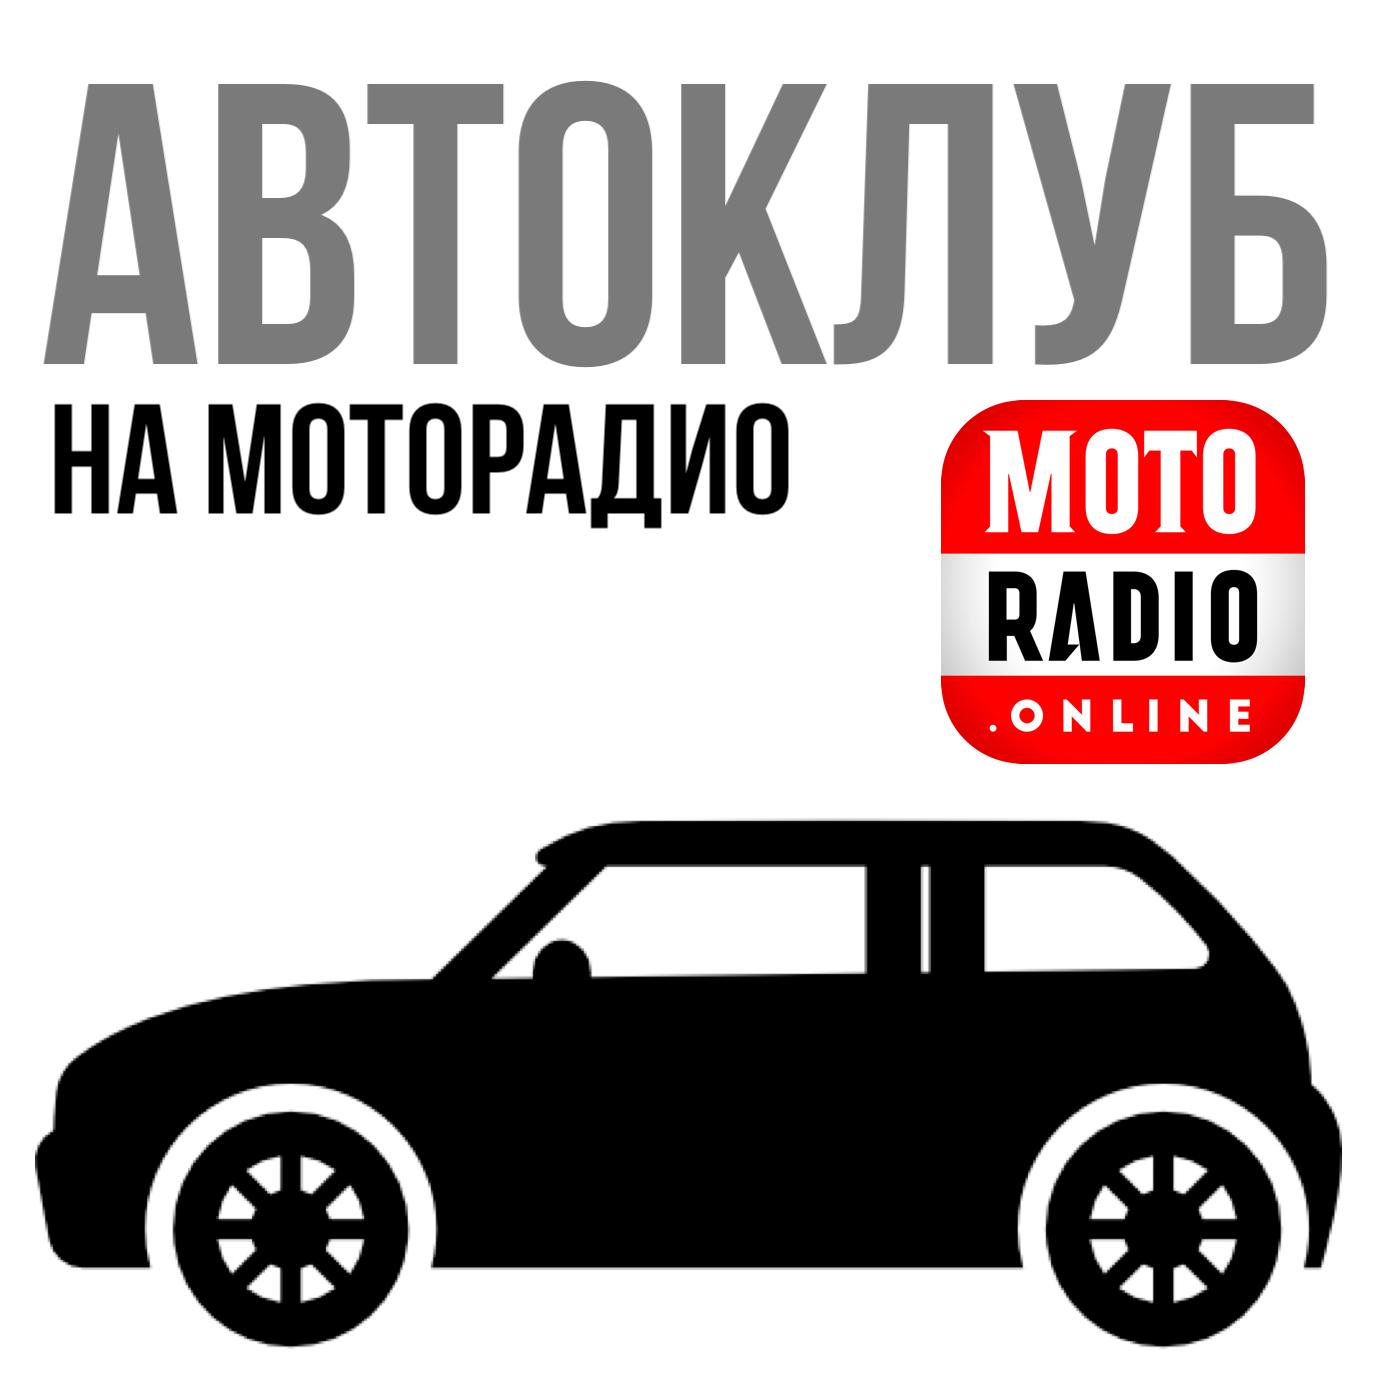 Купить книгу Электрика современного автомобиля - особенности и эксплуатация., автора Александра Цыпина